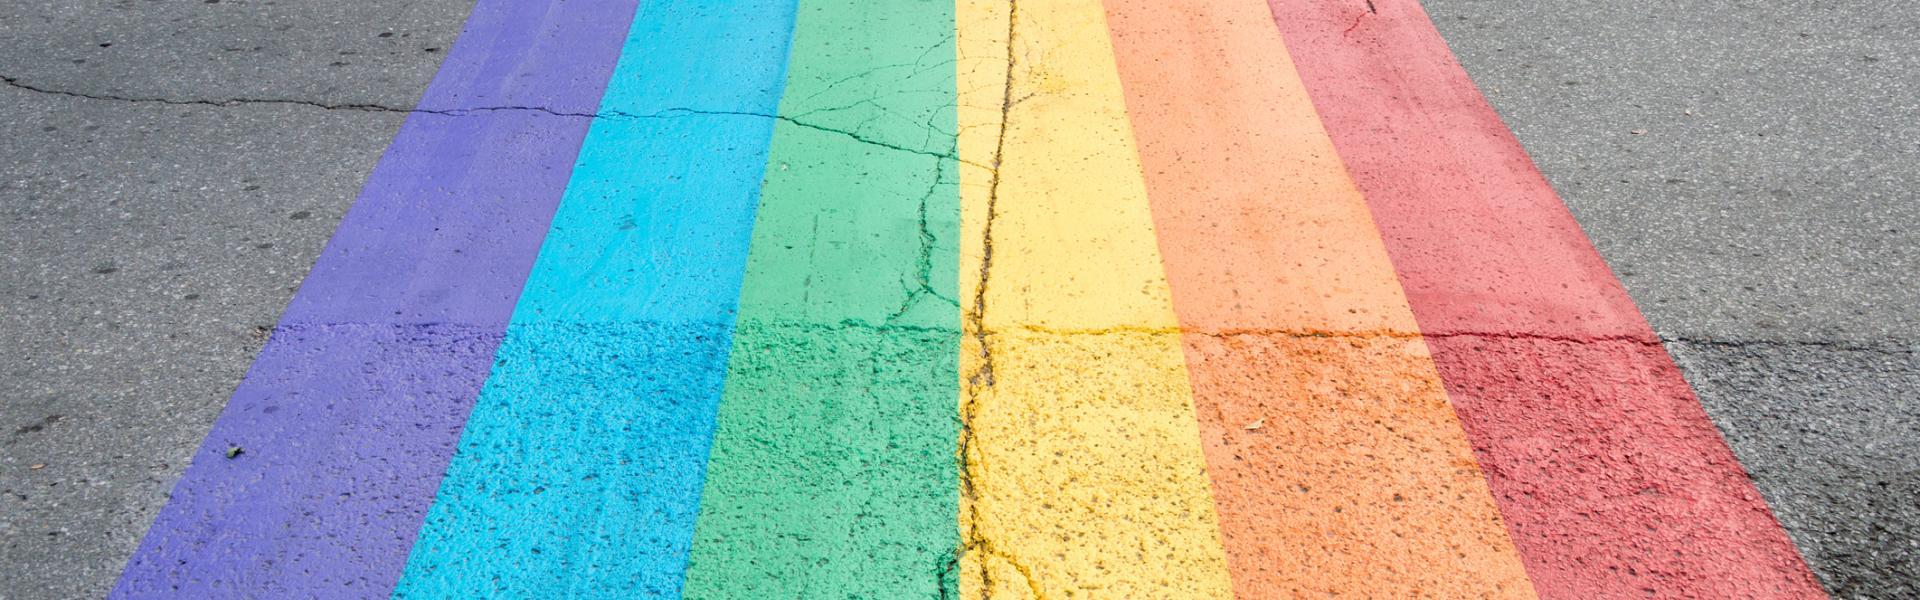 migliori siti di incontri gay Irlanda sito di incontri islamici città del capo